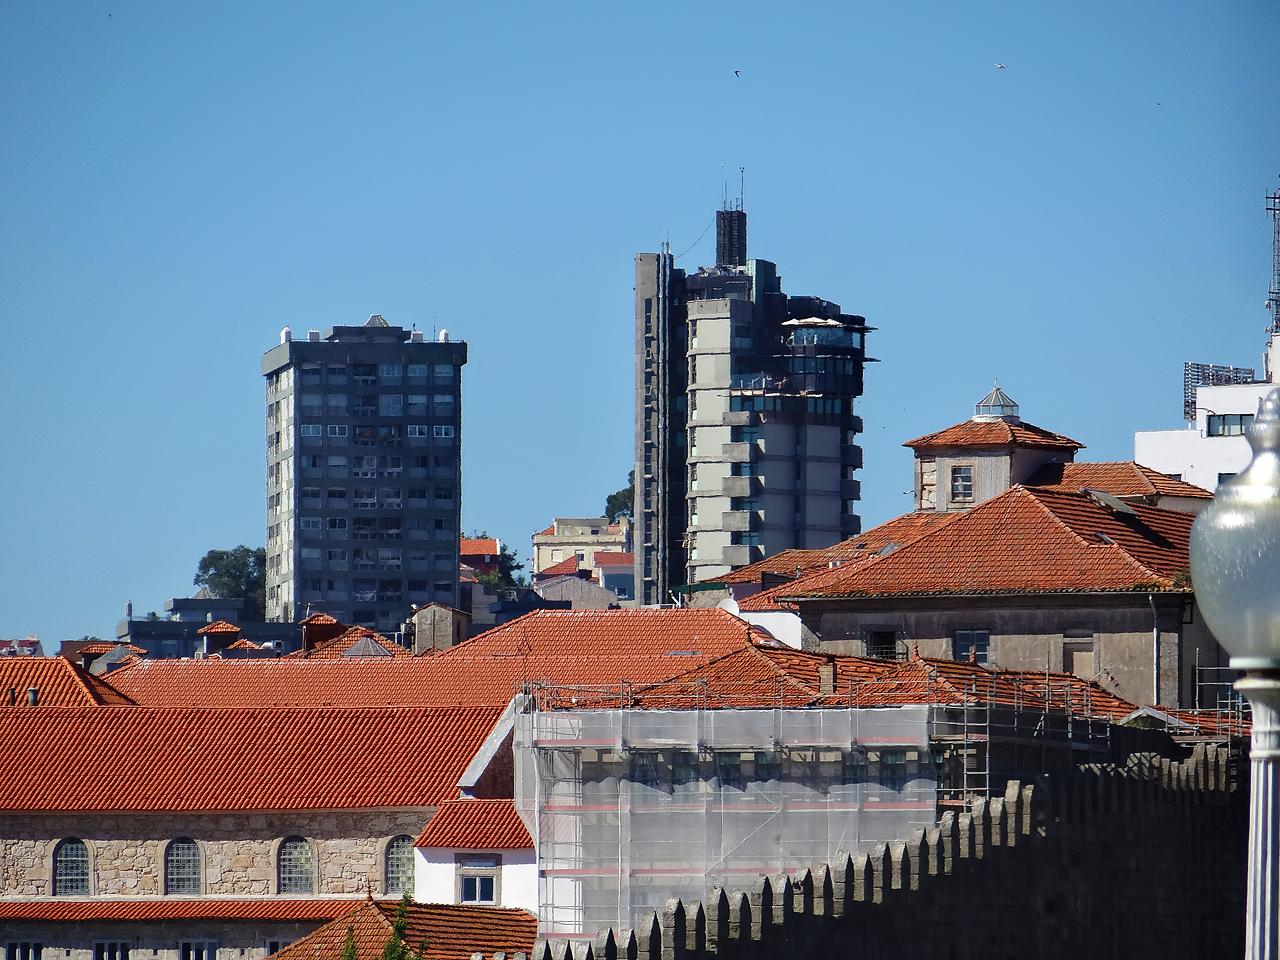 Intégration typique des IGH dans la trame urbaine du vieux Porto - l'effet d'élancement est caractéristique pour éviter toute impression de cluster